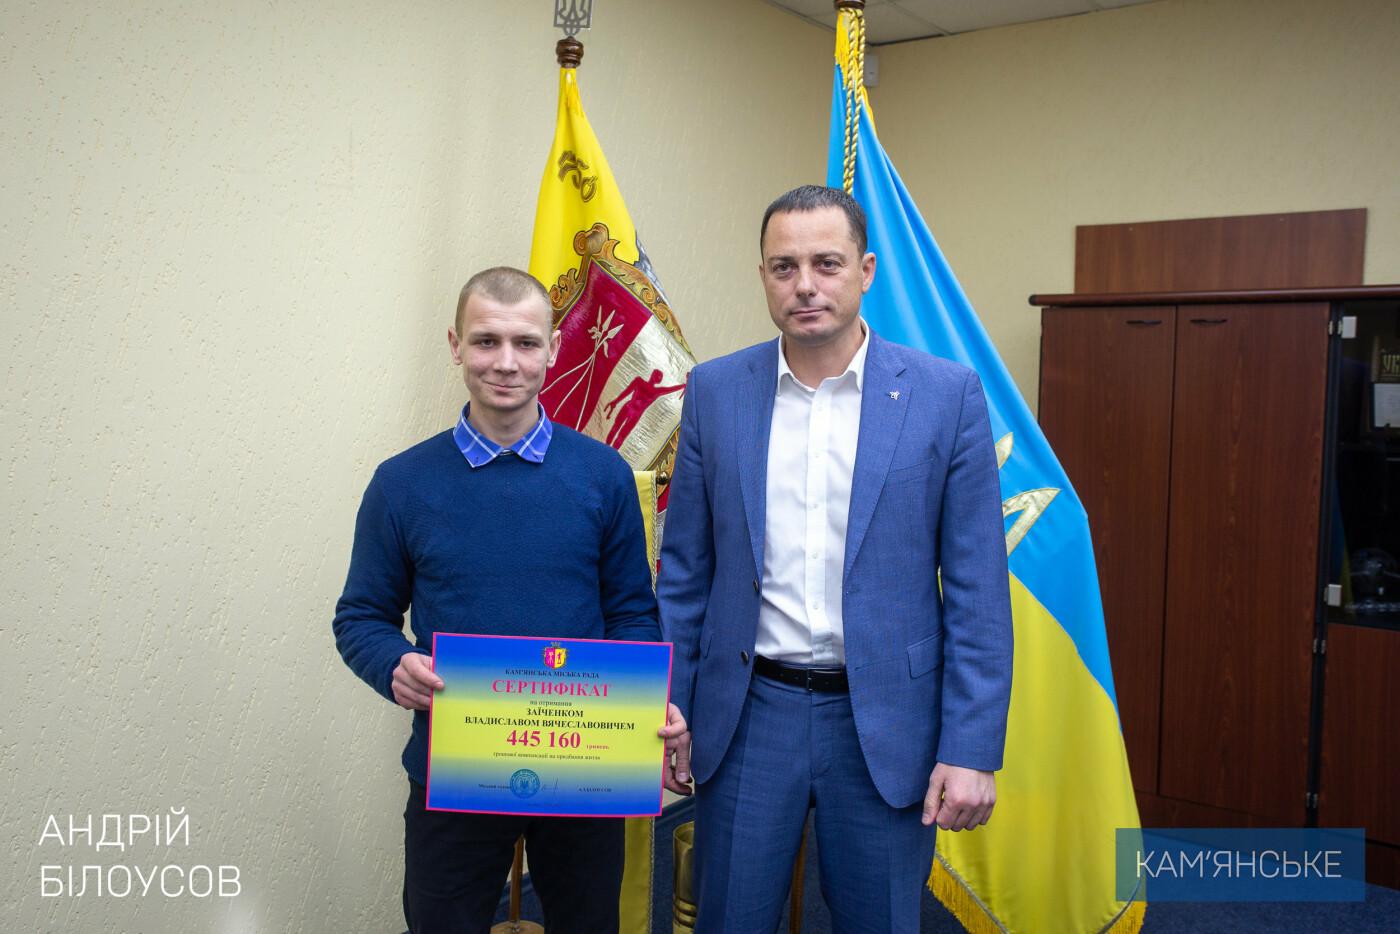 Сироте из Каменского выдали сертификат на квартиру, фото-1